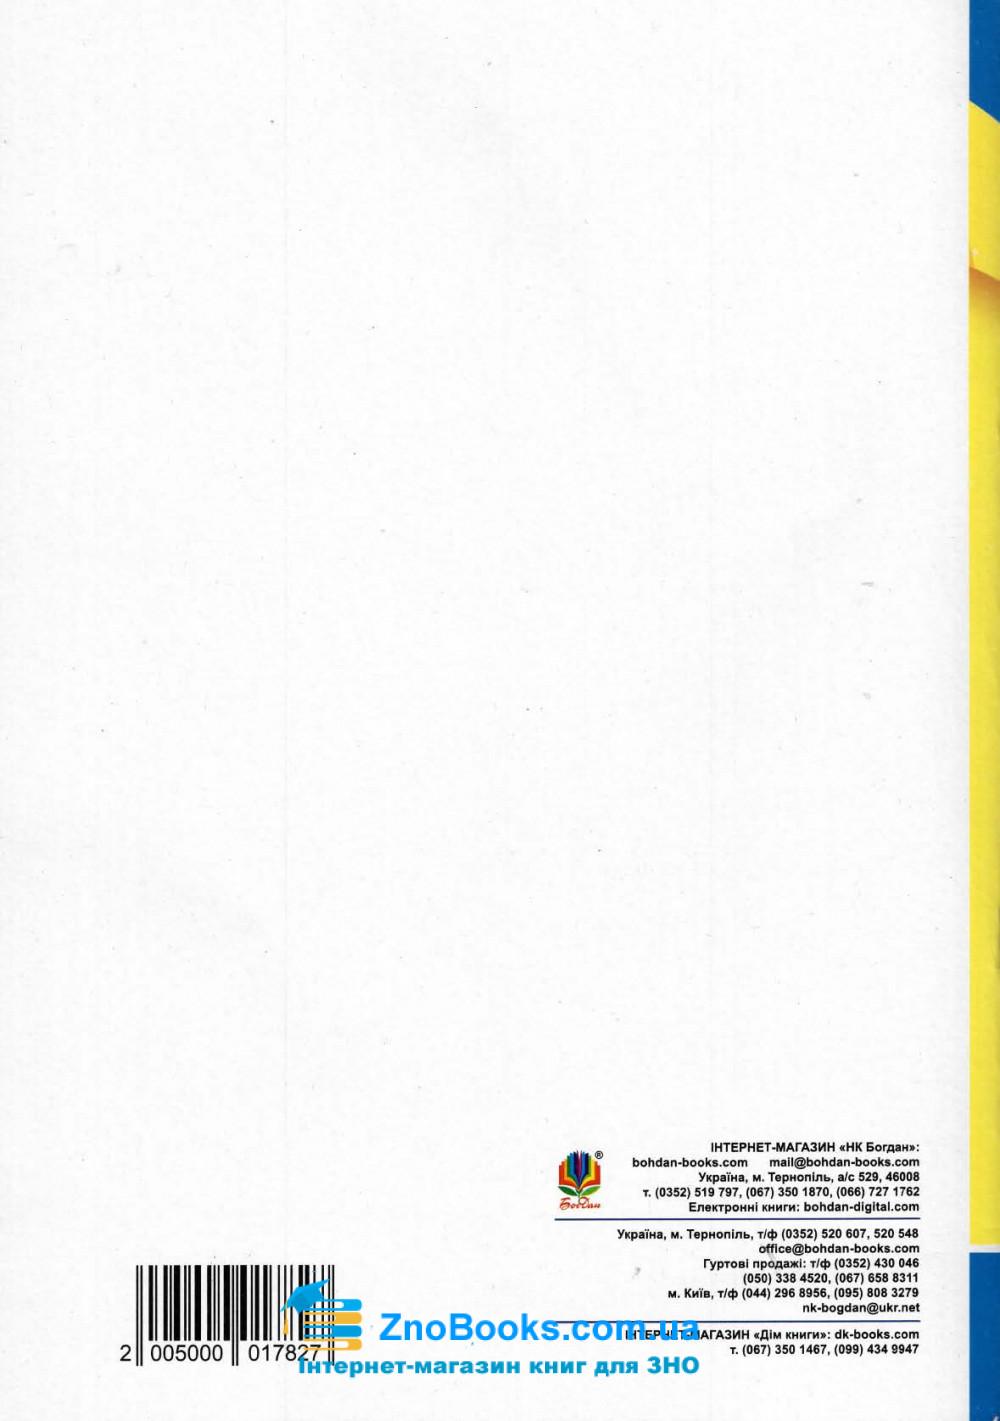 Андрієнко А. Англійська мова ЗНО 2022.  Типові тестові завдання : Навчальна книга - Богдан. купити 9